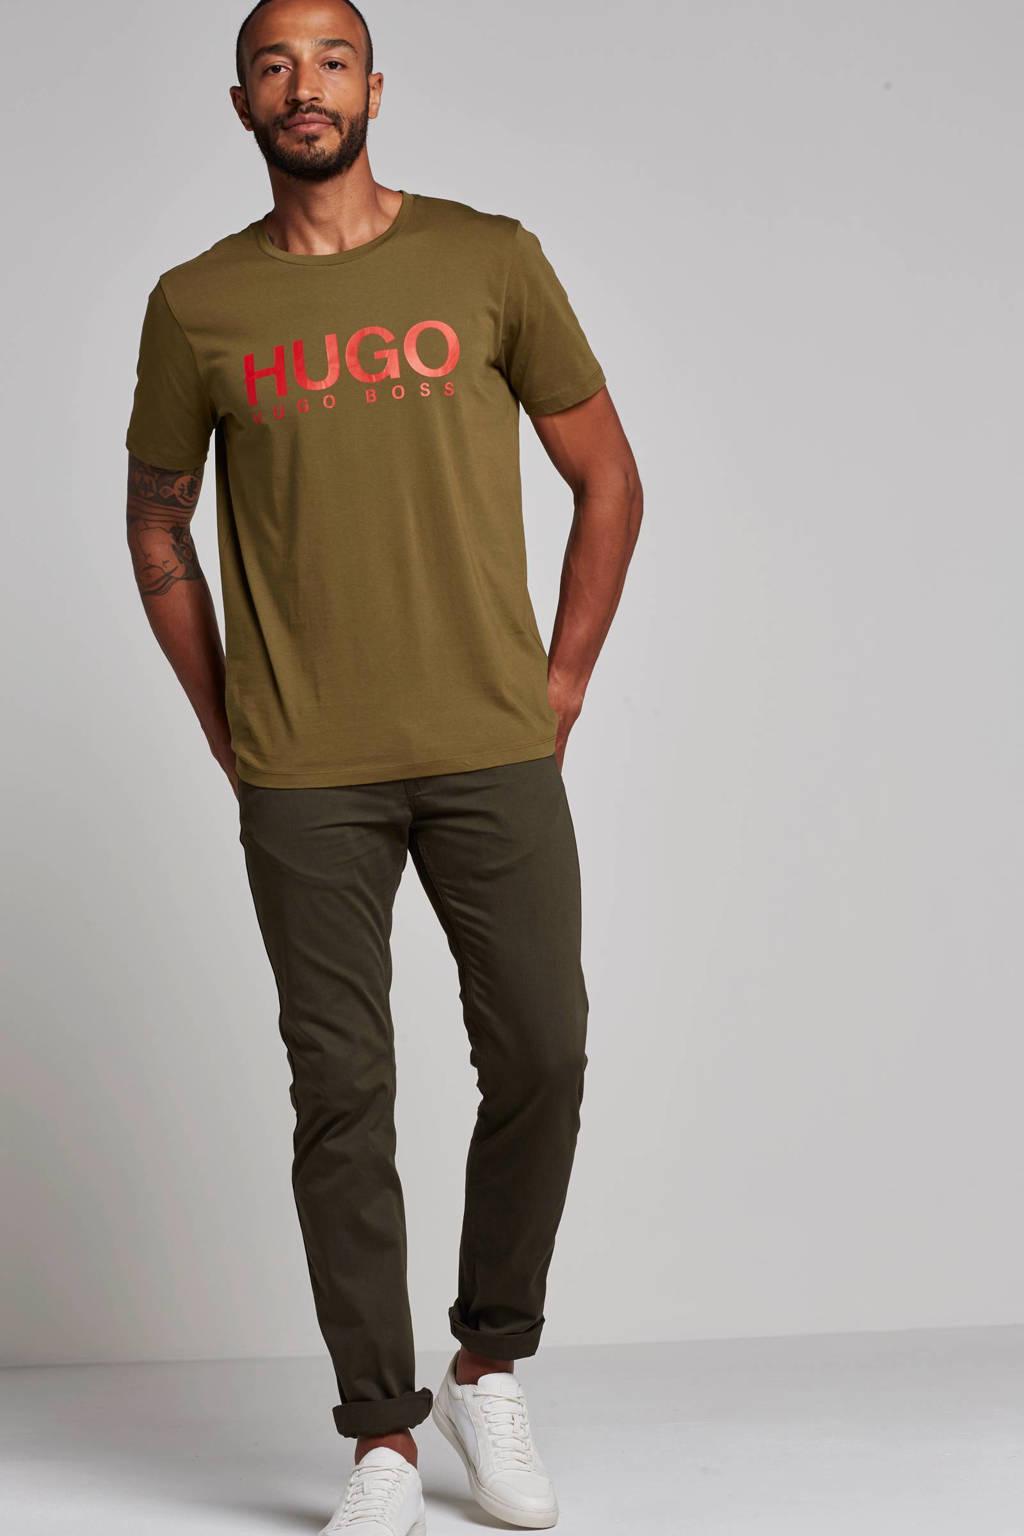 Hugo708 Hugo708 Fit Slim Broek Slim Broek Fit Hugo708 Fit Slim rqwrRfY